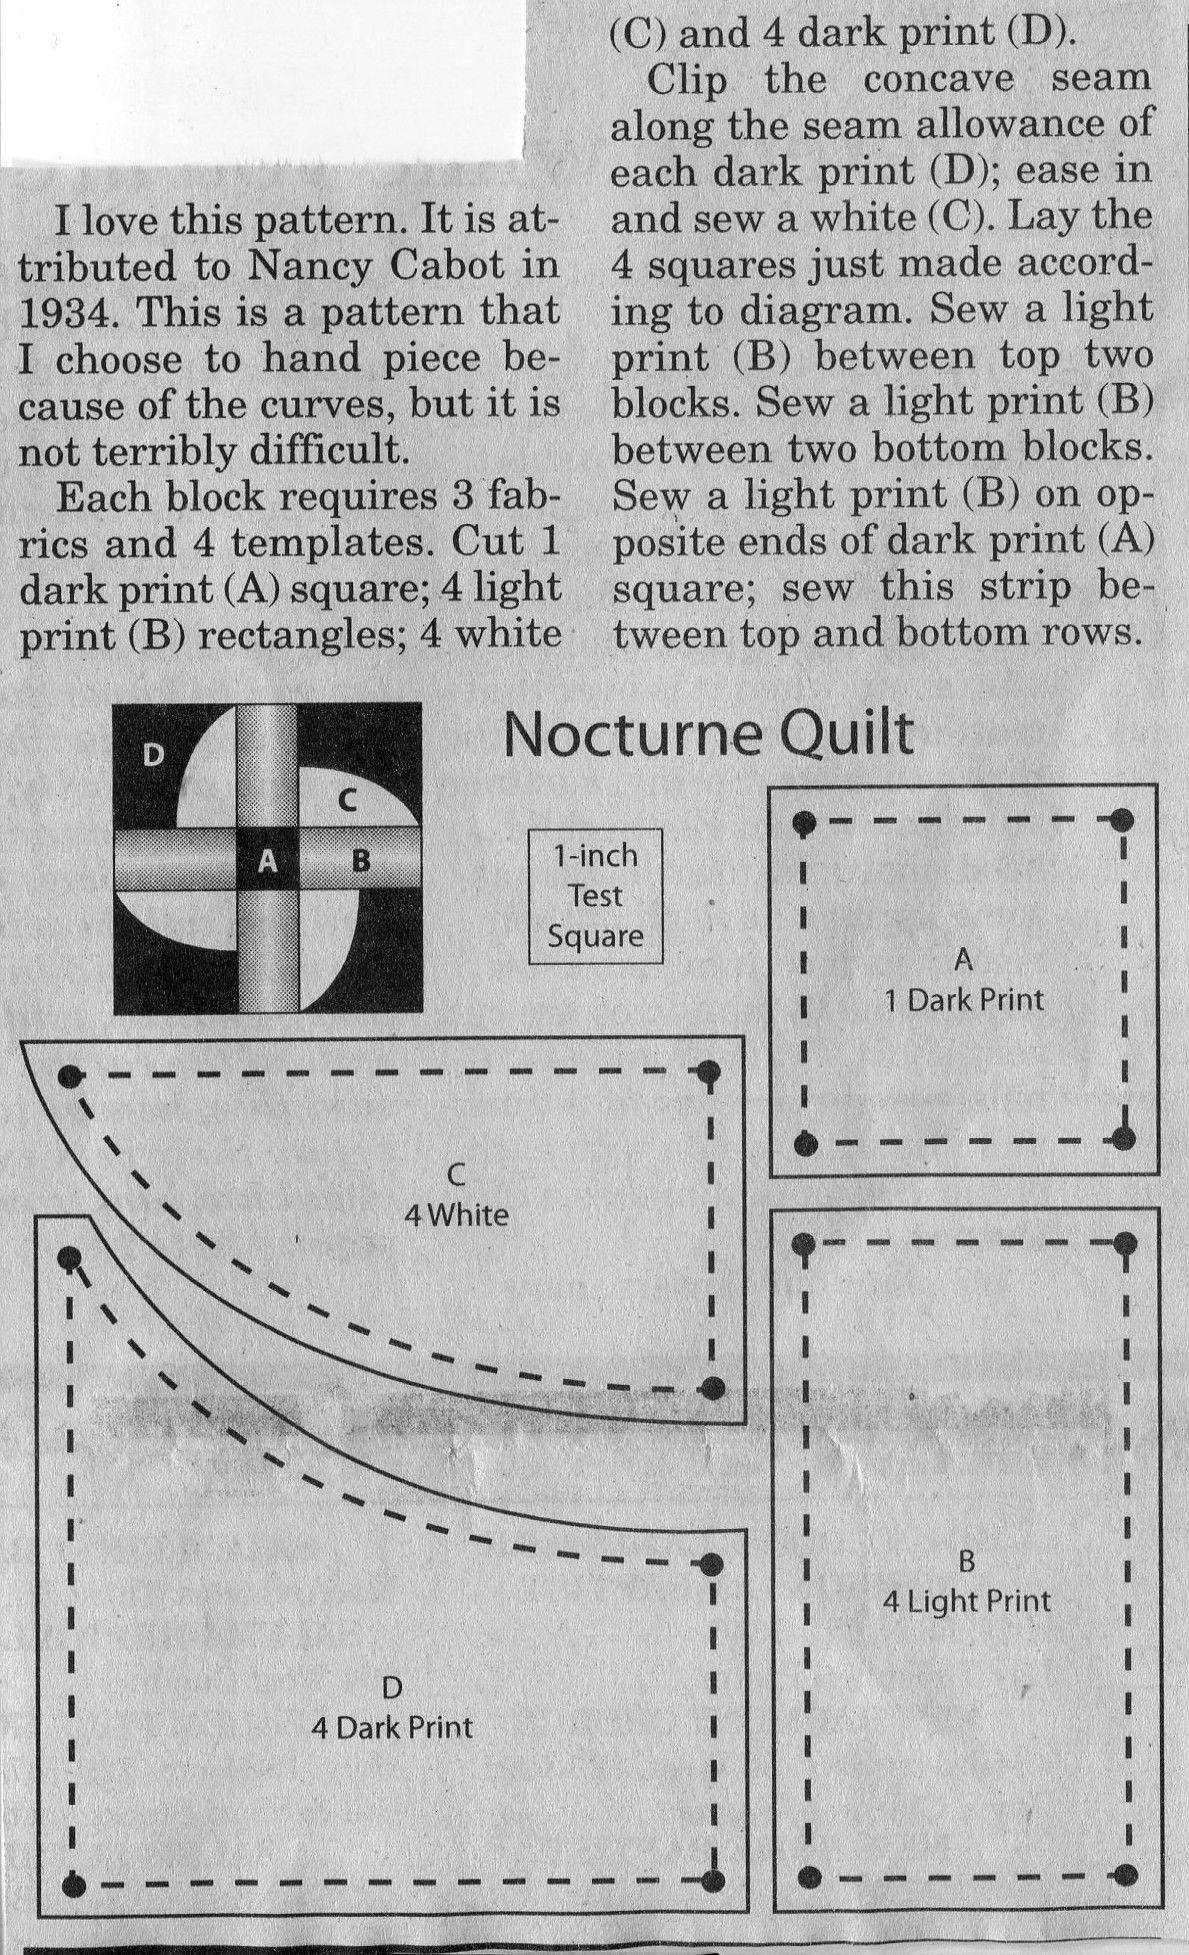 Nocturne Quilt Block | Quilt | Pinterest | Quiltblöcke und Steppdecke